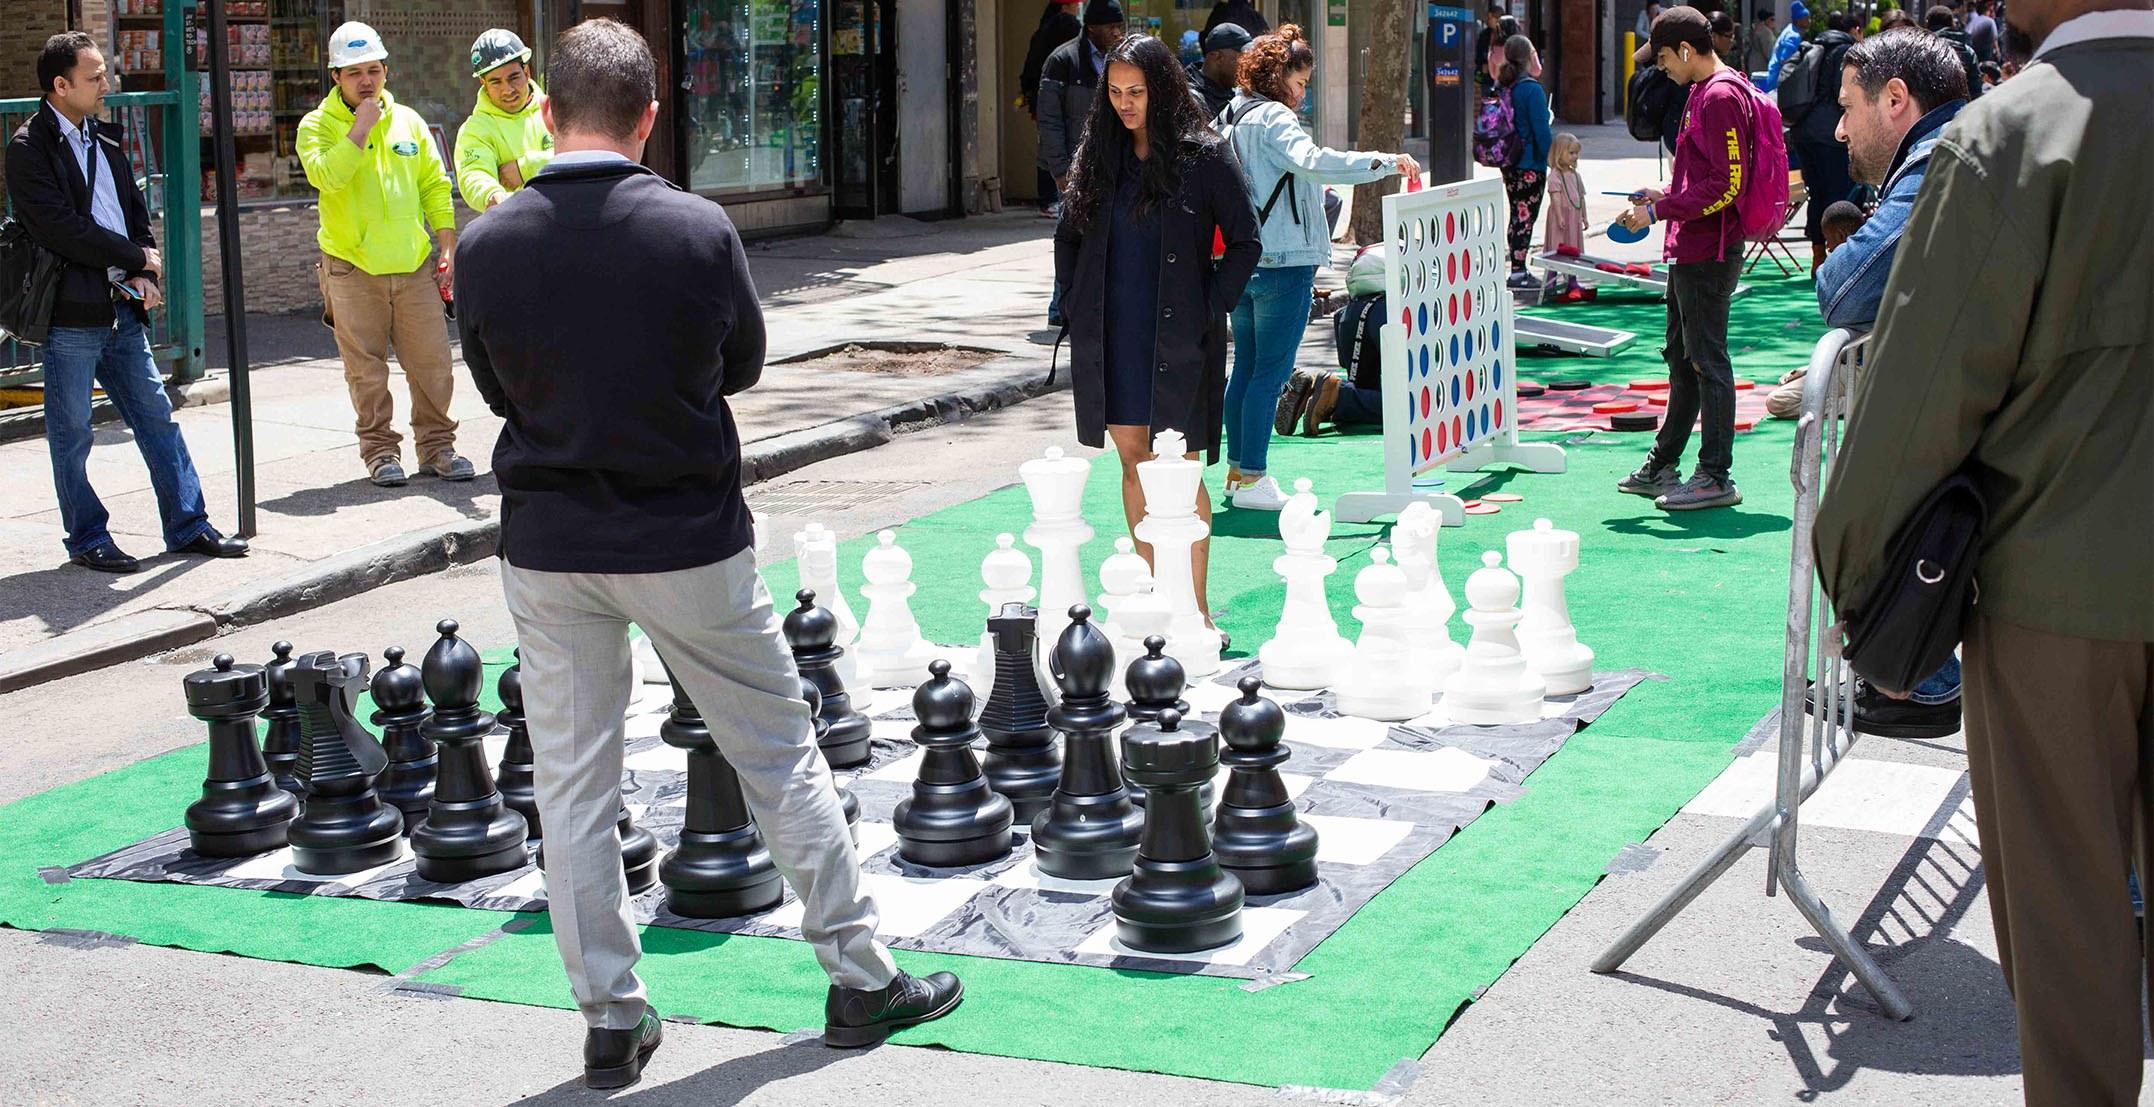 willoughby-walks-2019-giant-chess-2.jpg#asset:58359